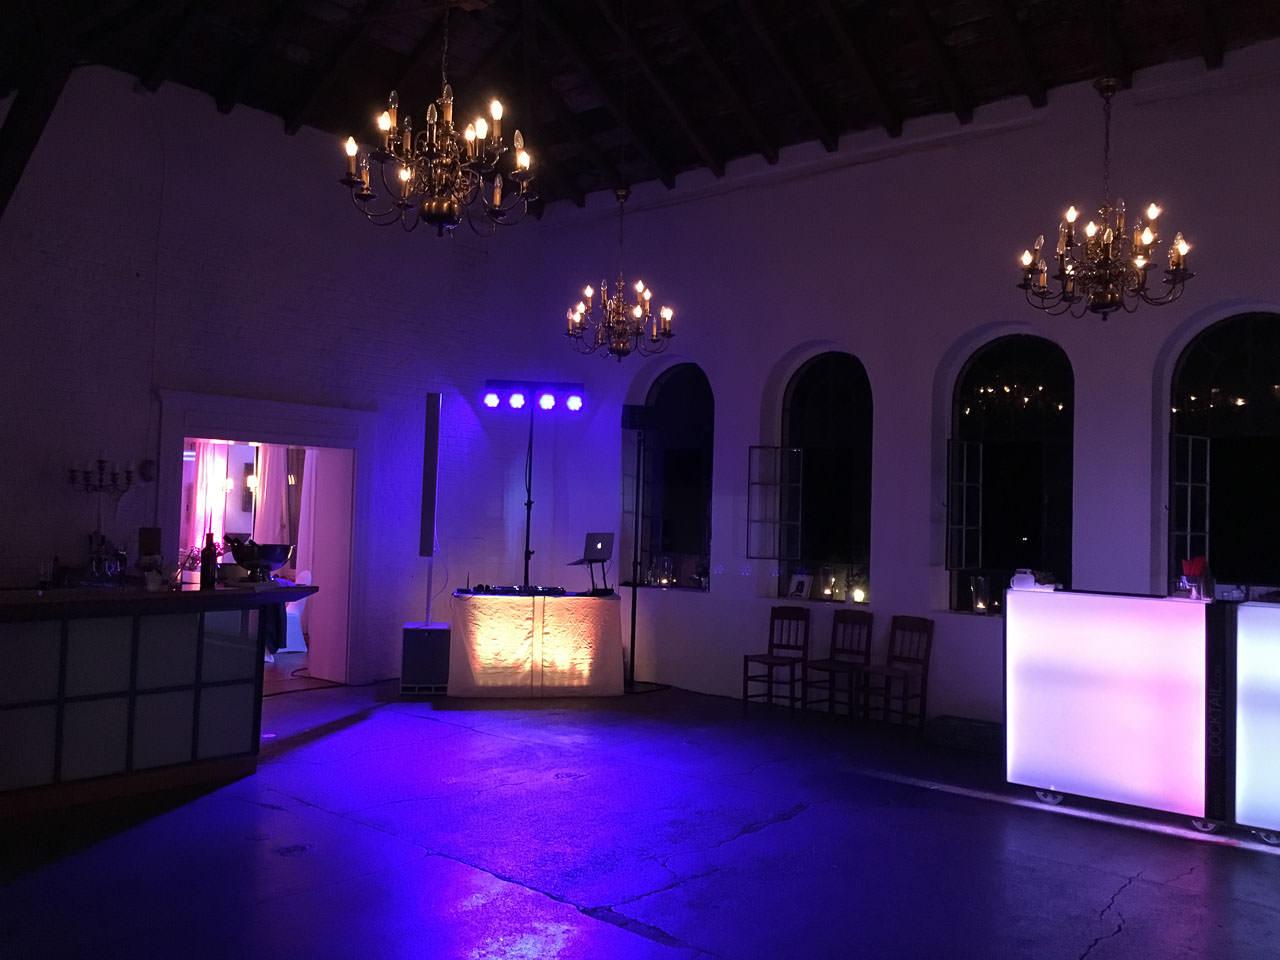 Tanzfläche im Festsaal von Gut Nettehammer, bunt beleuchtet.